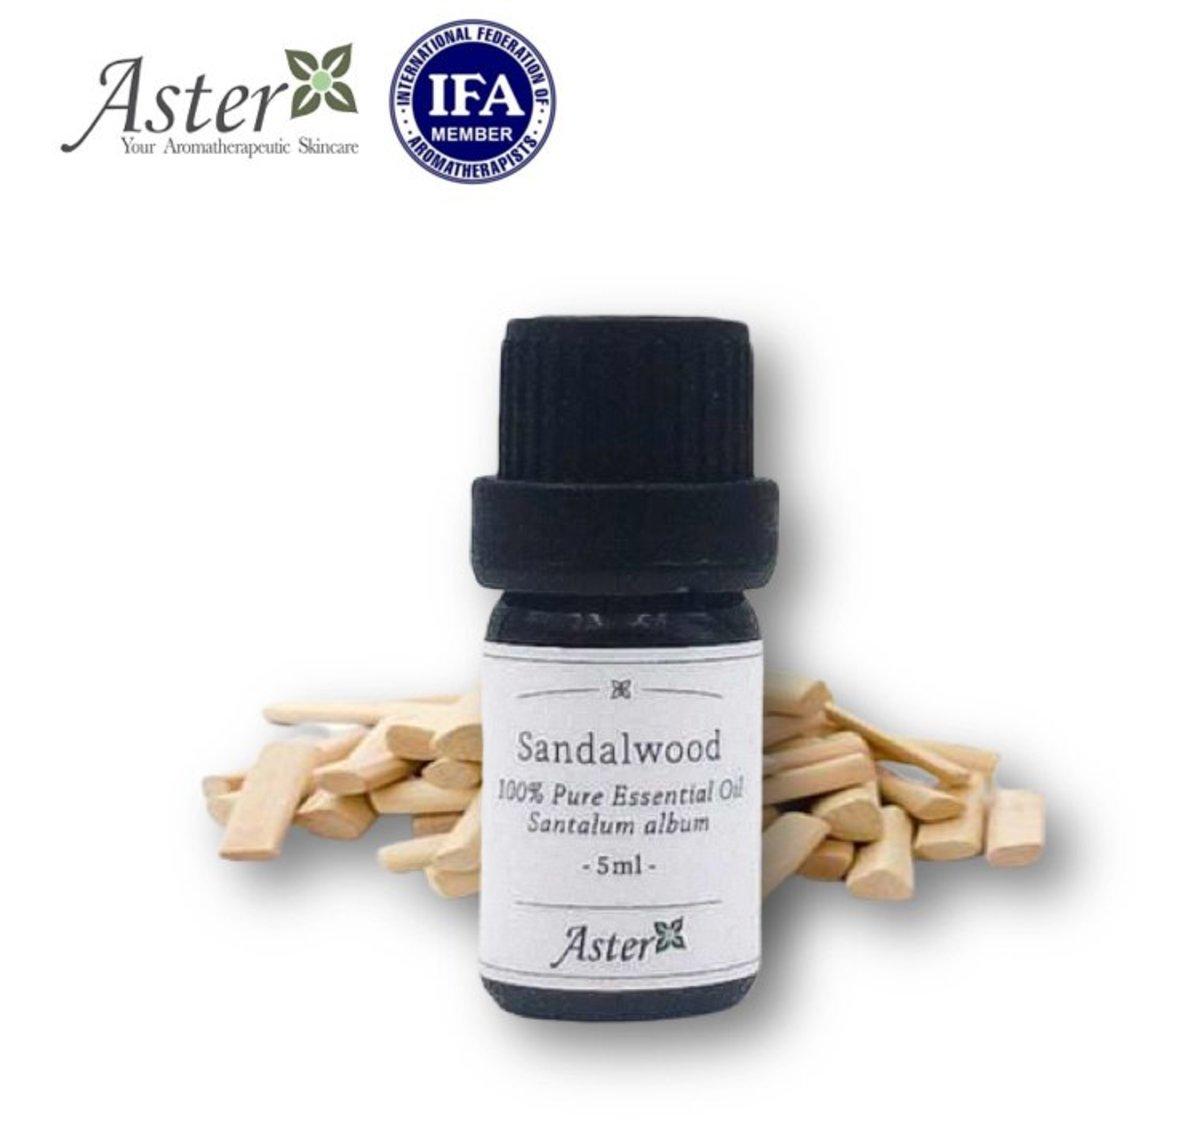 Sandalwood 100% Pure Essential Oil (Santalum album) - 5ml